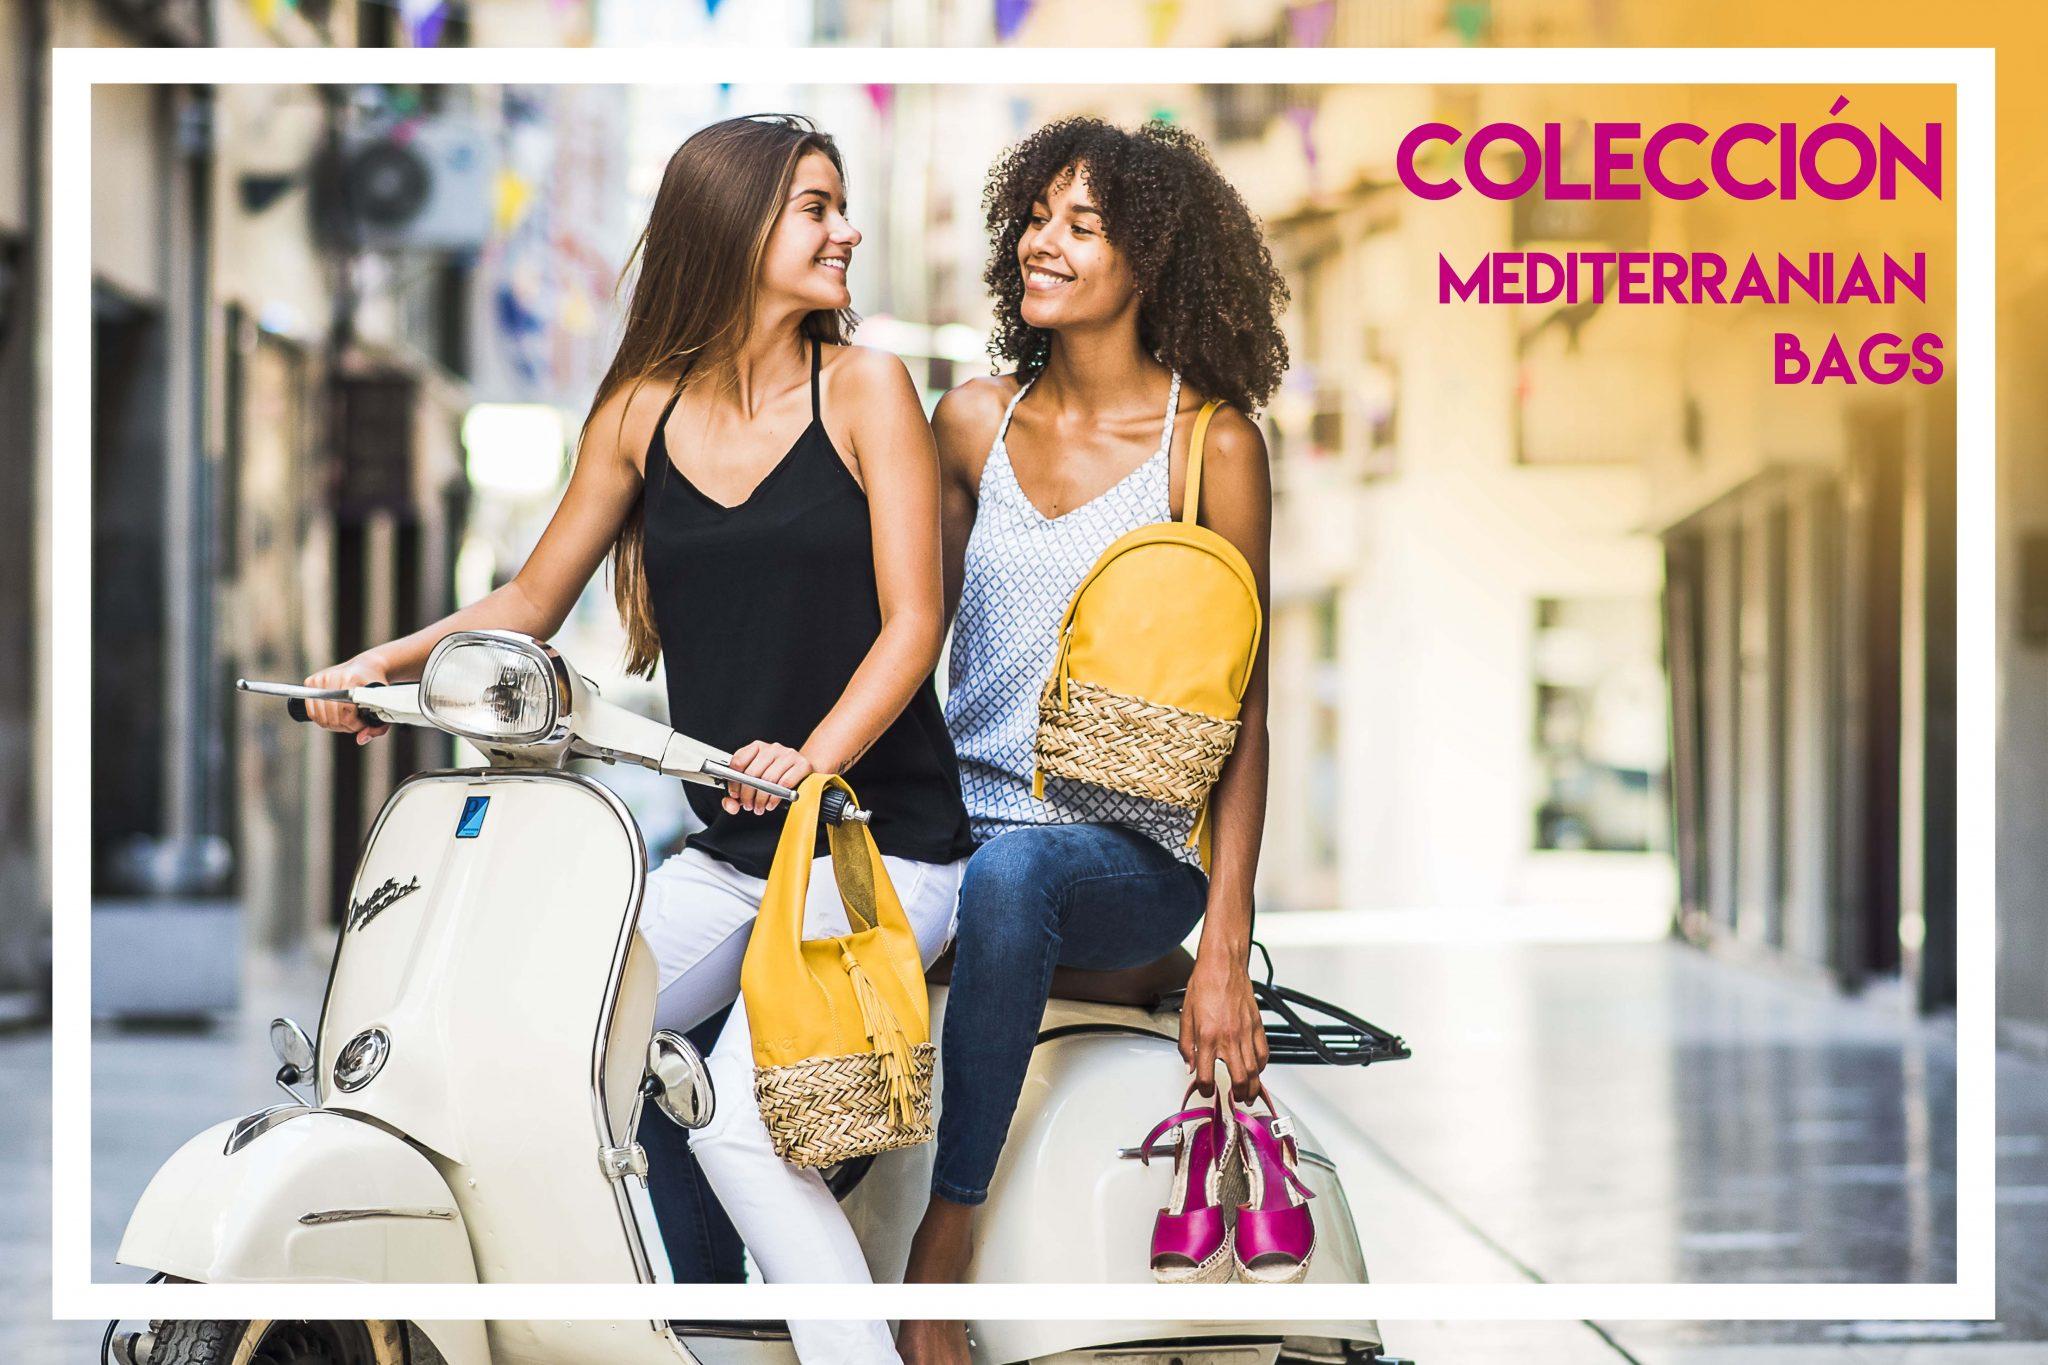 colección-mediterranean-bags